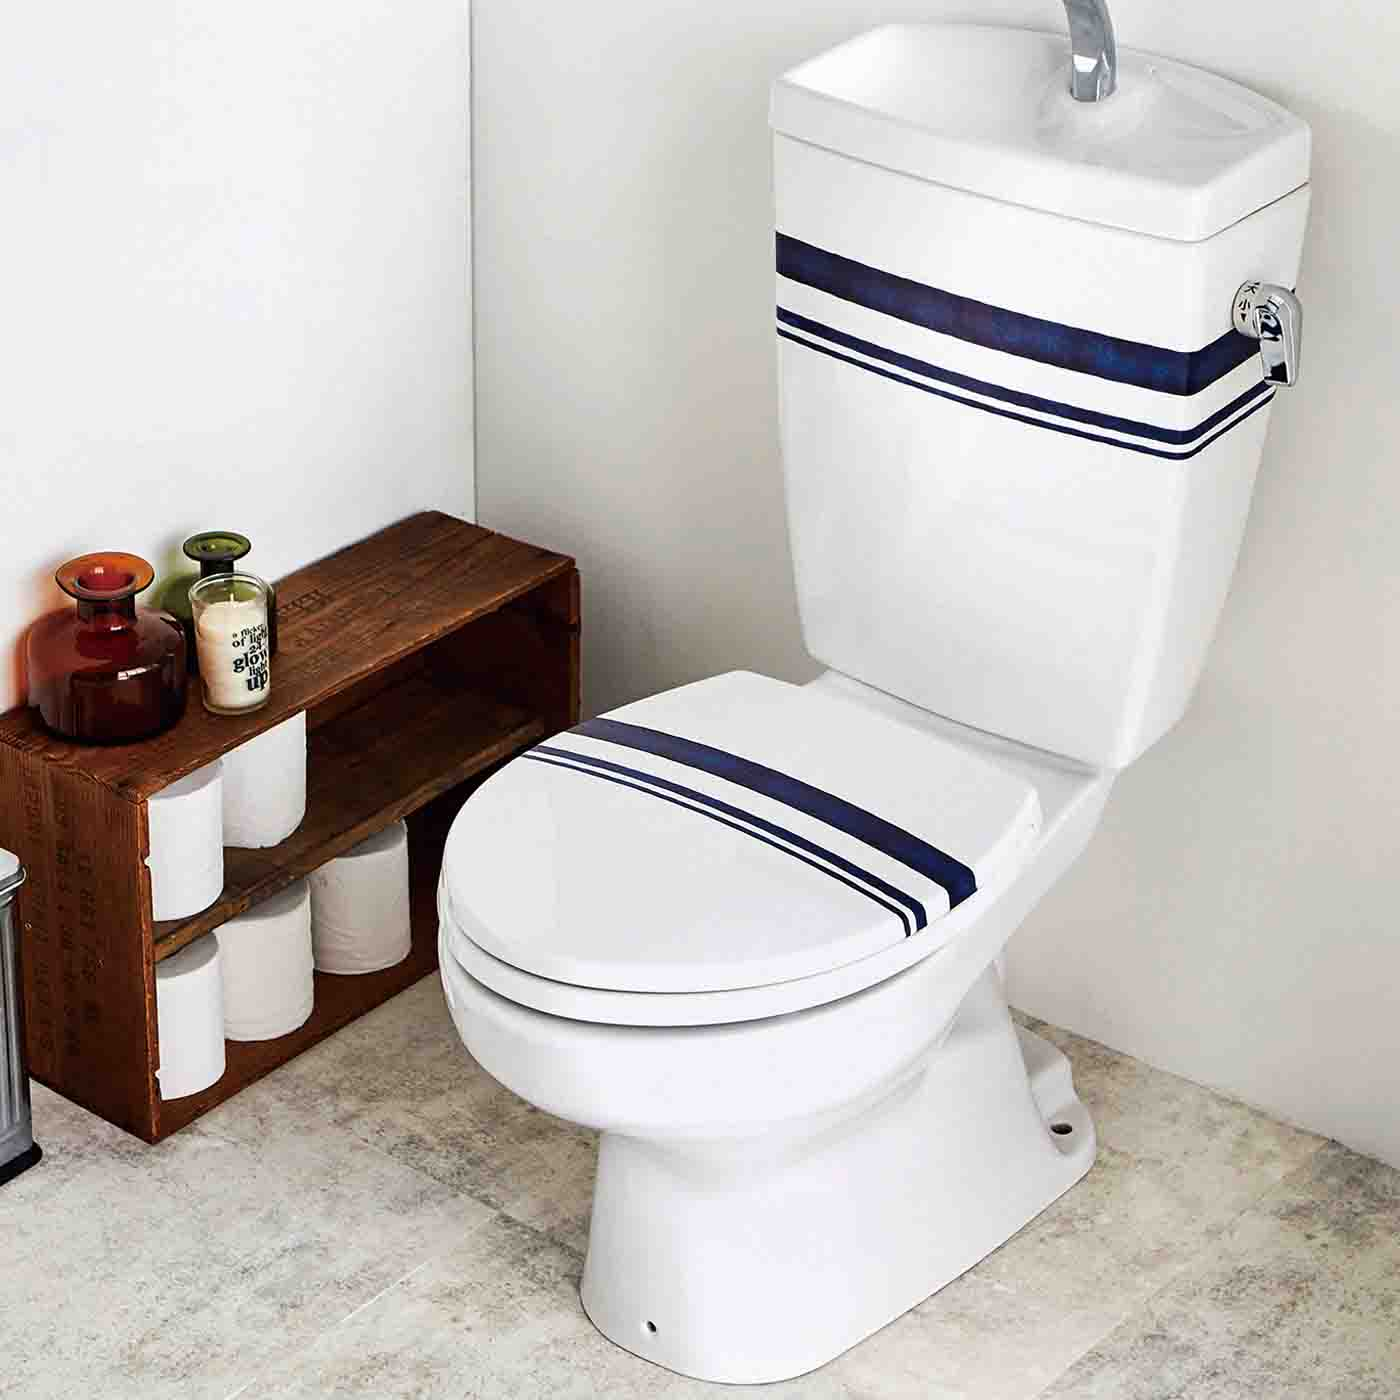 フェリシモ 貼るだけで消臭 トイレのデコレーションシール〈手描きライン〉の会【定期便】